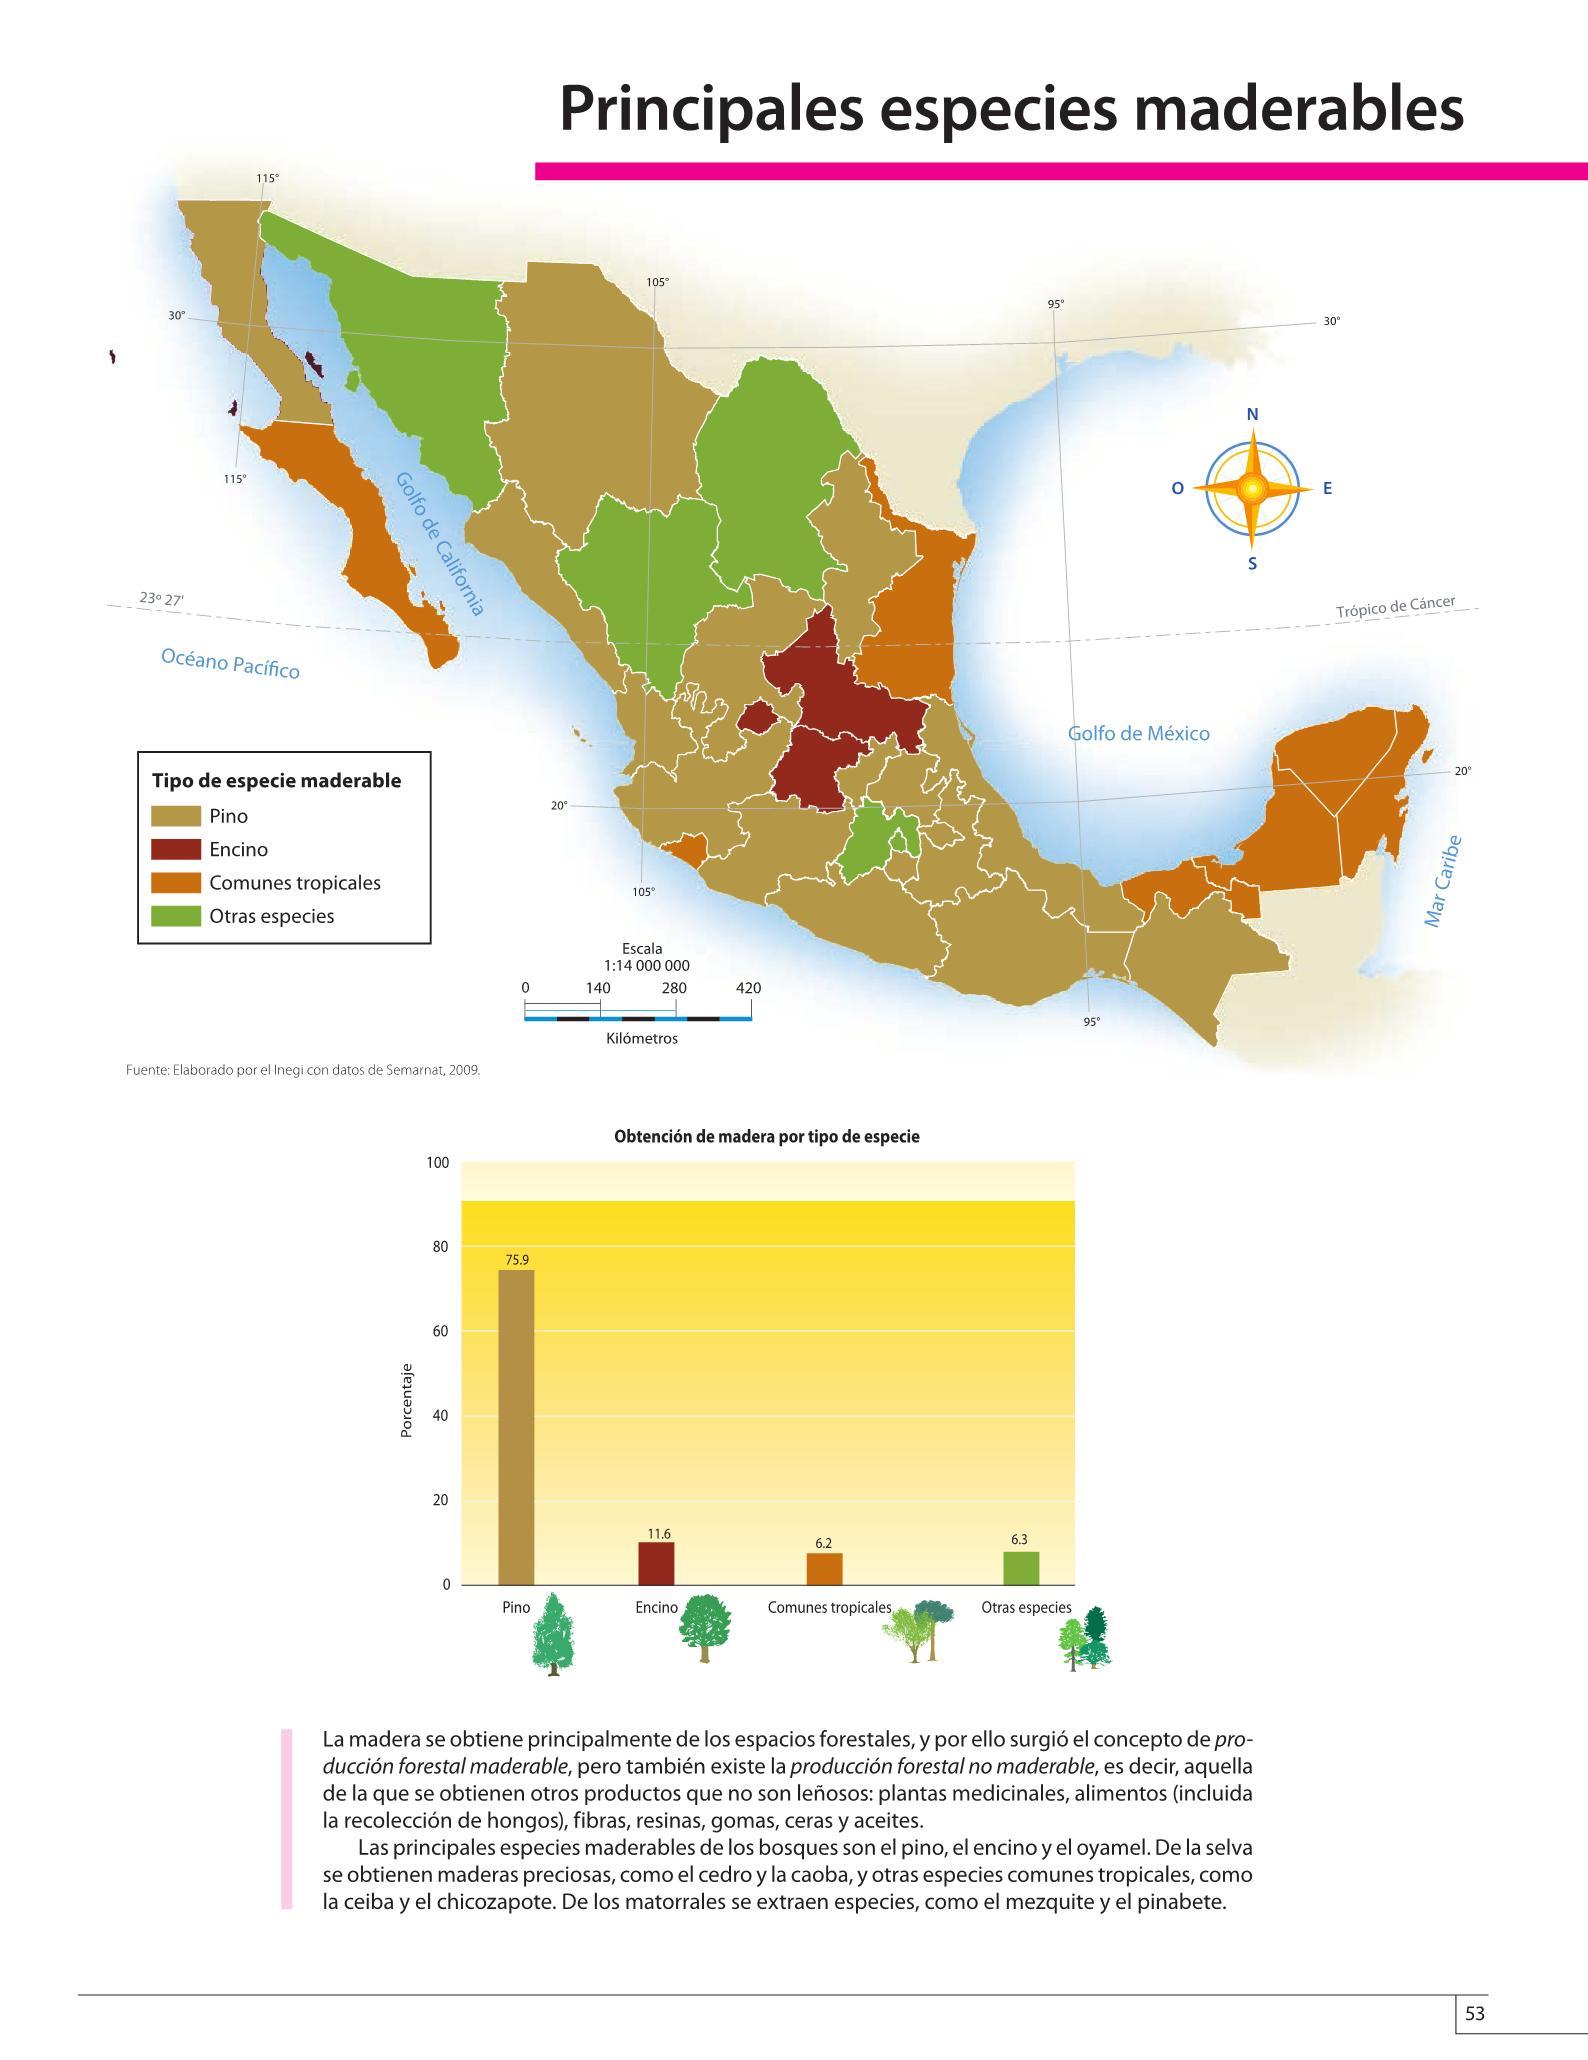 Atlas de geografía del mundo grado 5° libro de primaria. Atlas De Mexico Cuarto Grado 2016 2017 Online Pagina 53 De 128 Libros De Texto Online